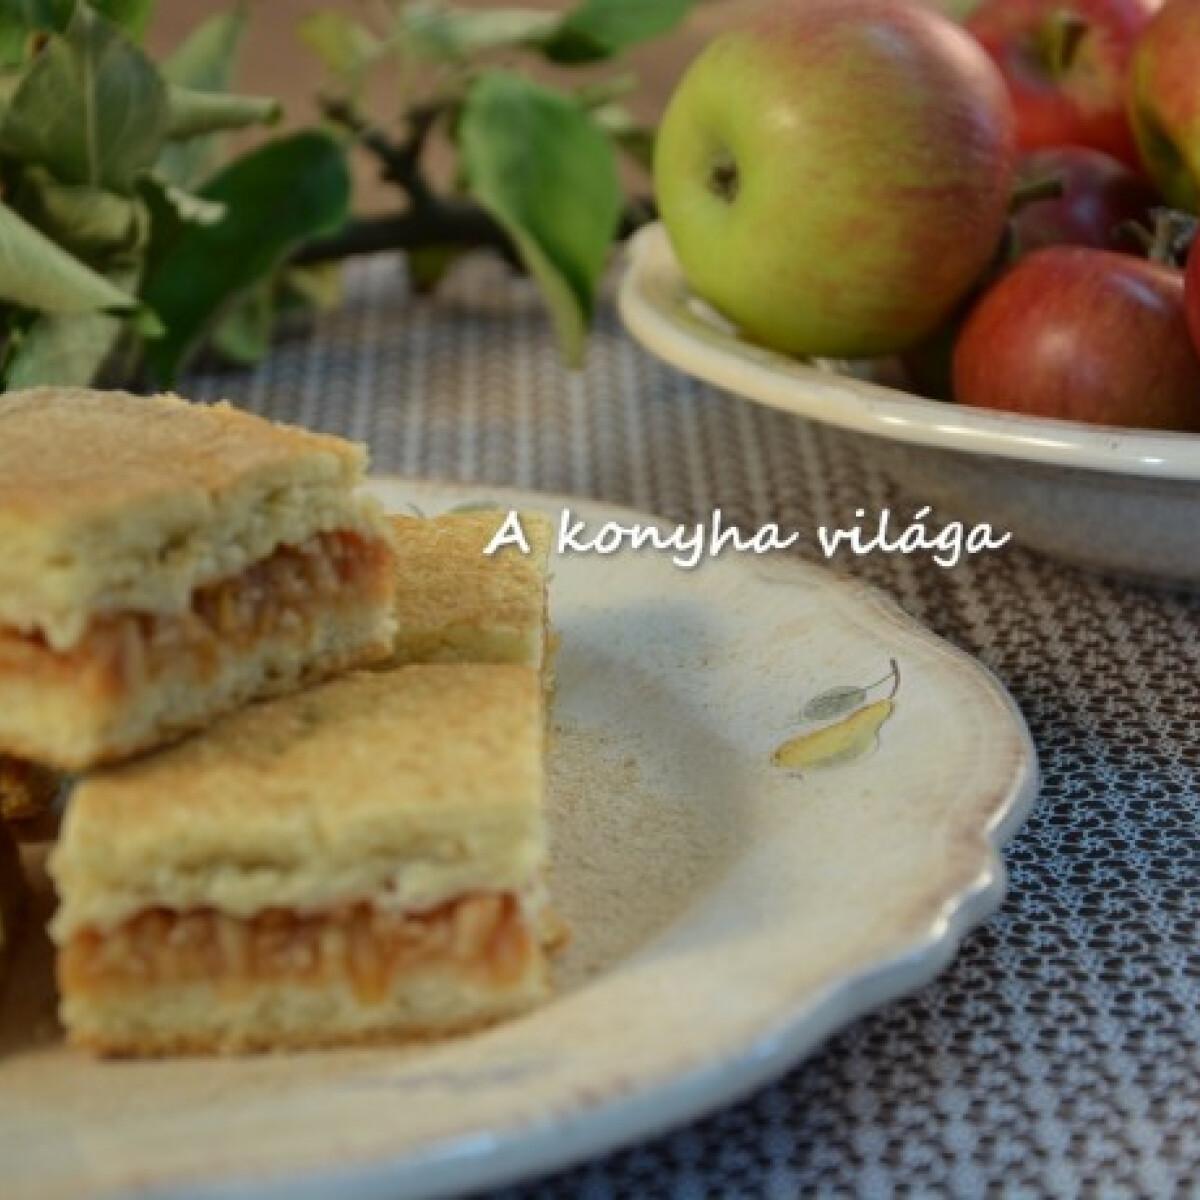 Ezen a képen: Almás lepény ahogy a konyha világa készíti